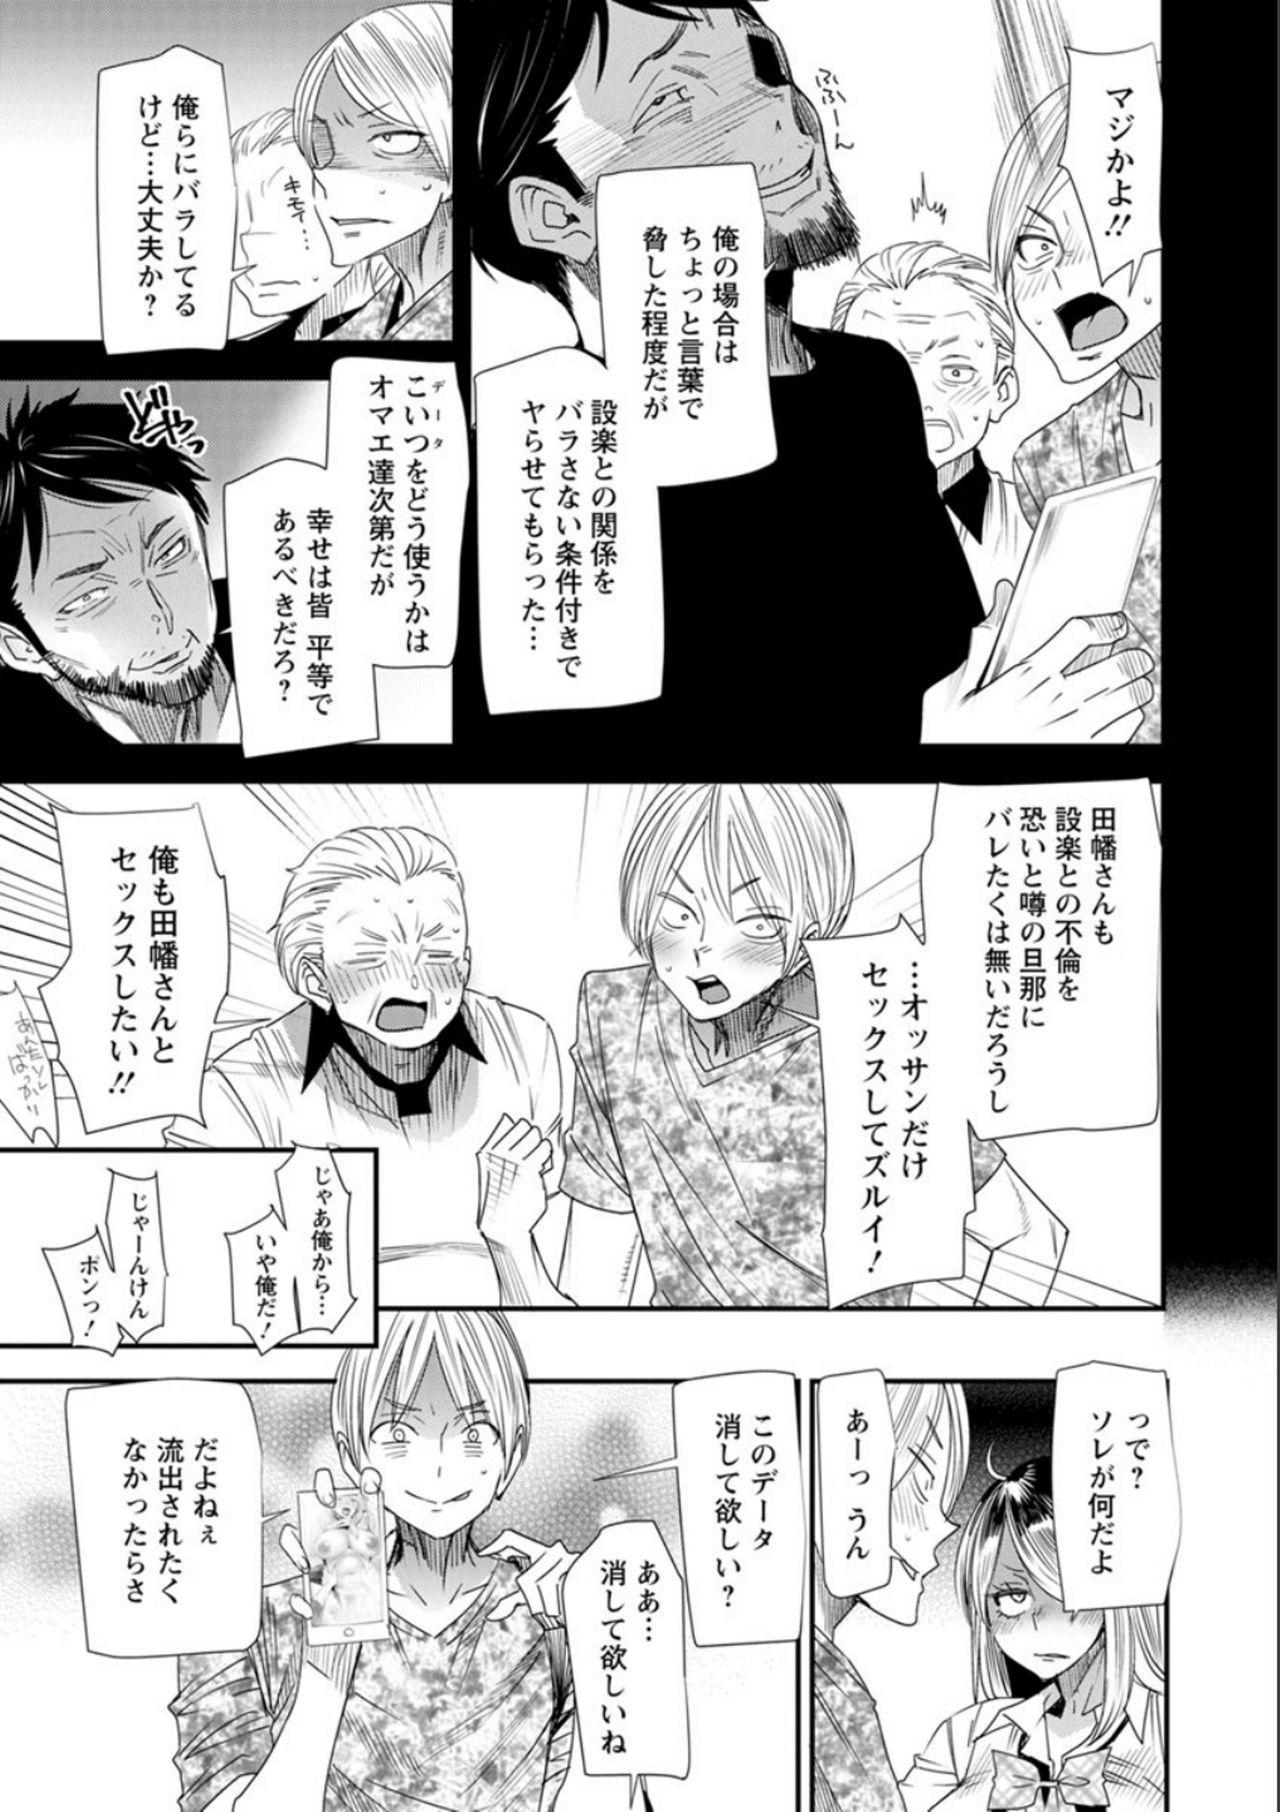 Nao's Secret 72